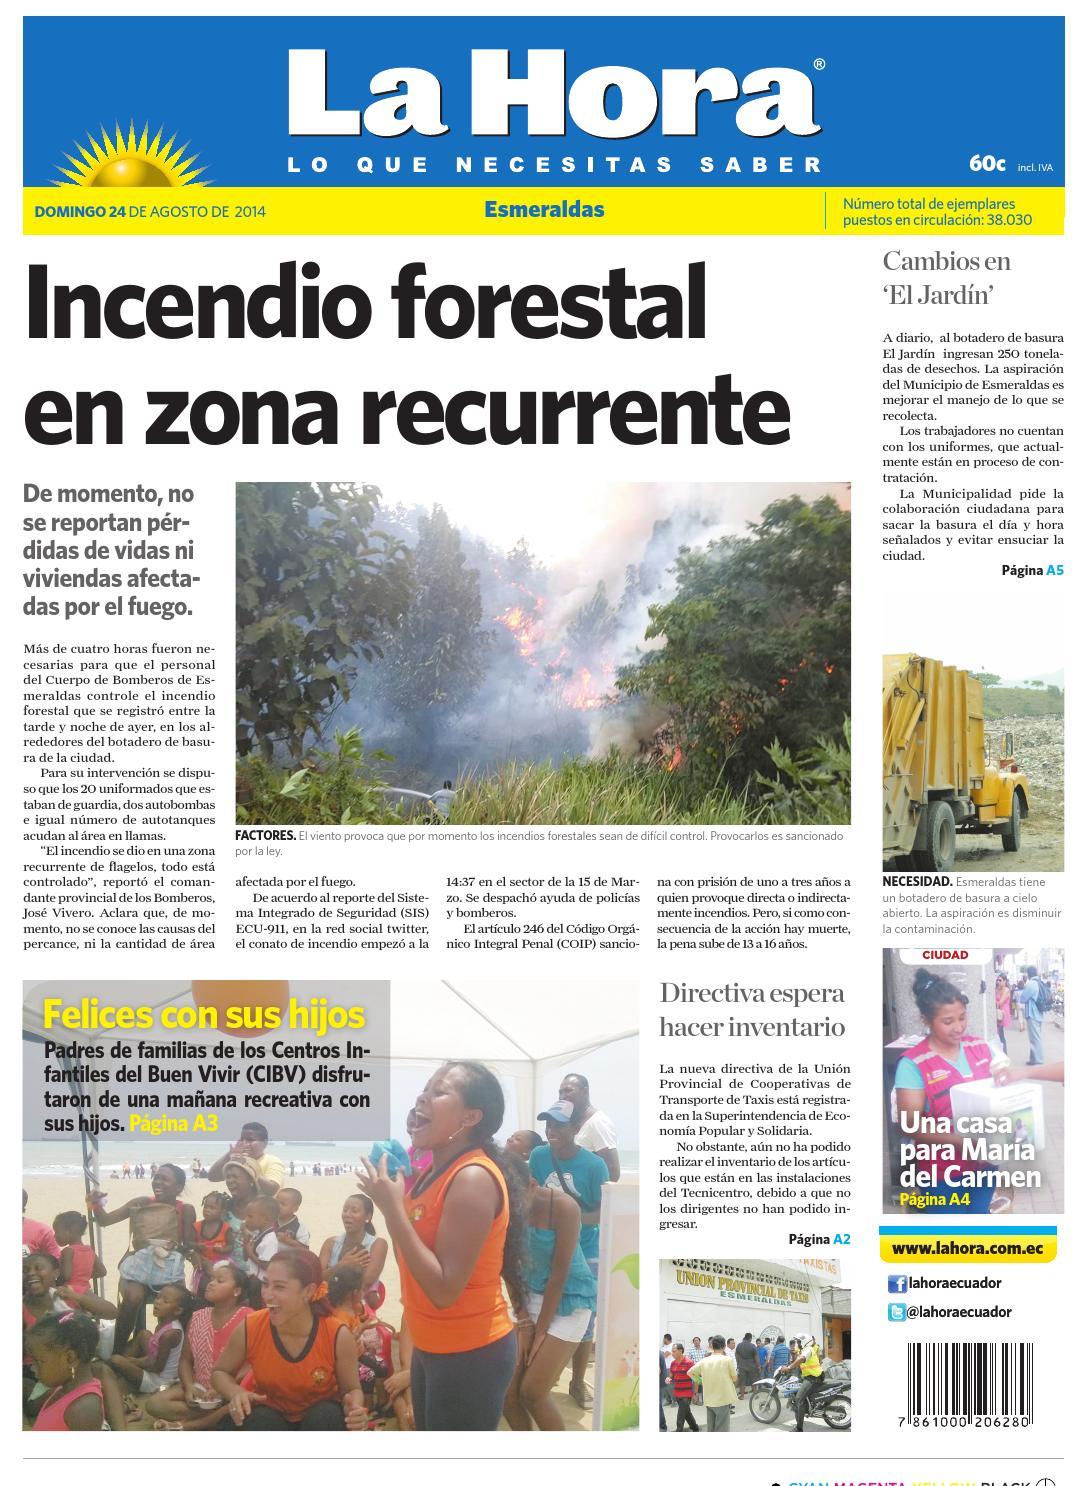 Diario La Hora Esmeraldas 24 de agosto del 2014 by Diario La Hora Ecuador -  issuu 600a0813d71f3